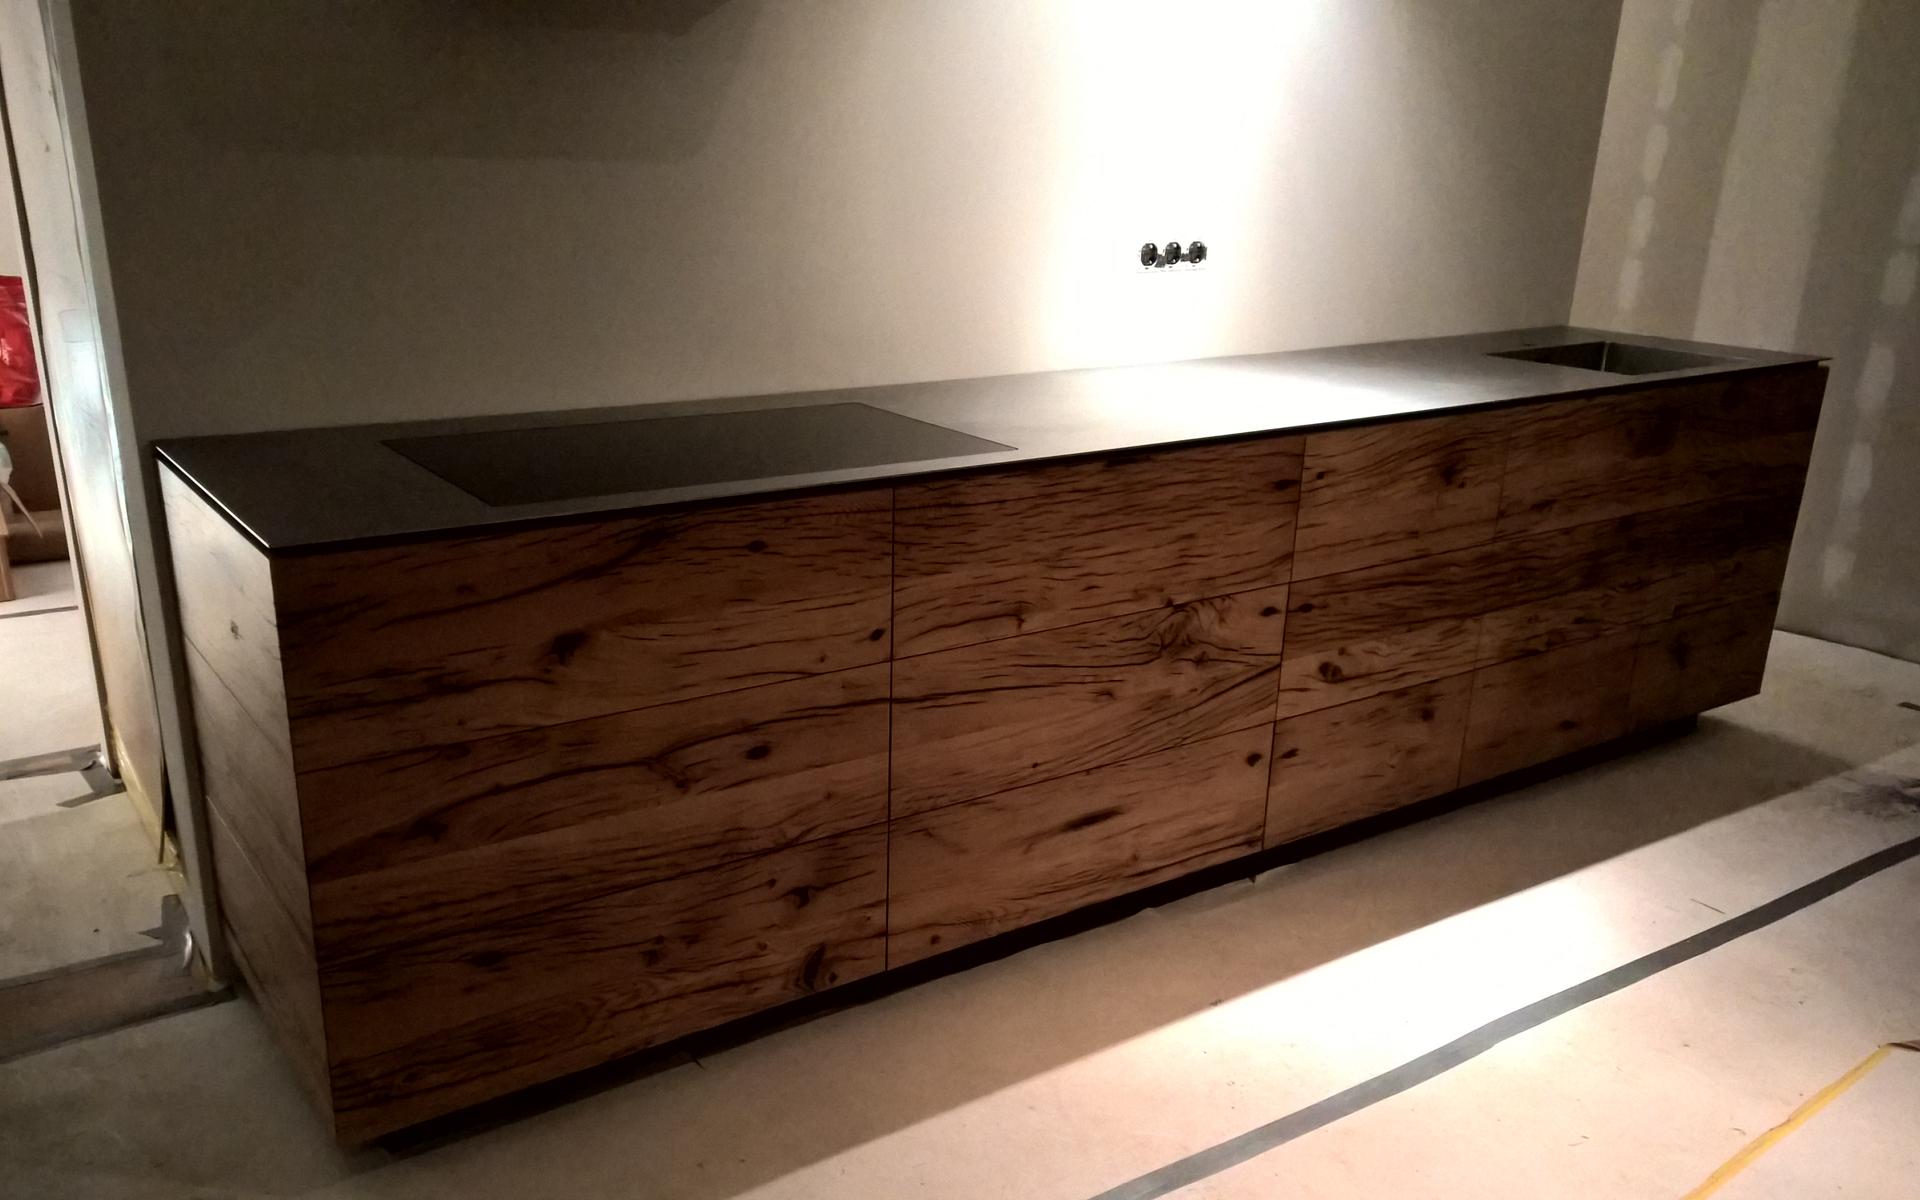 Wagondelen keuken opgeleverd studio sool tafels - Meubels studio keuken ...